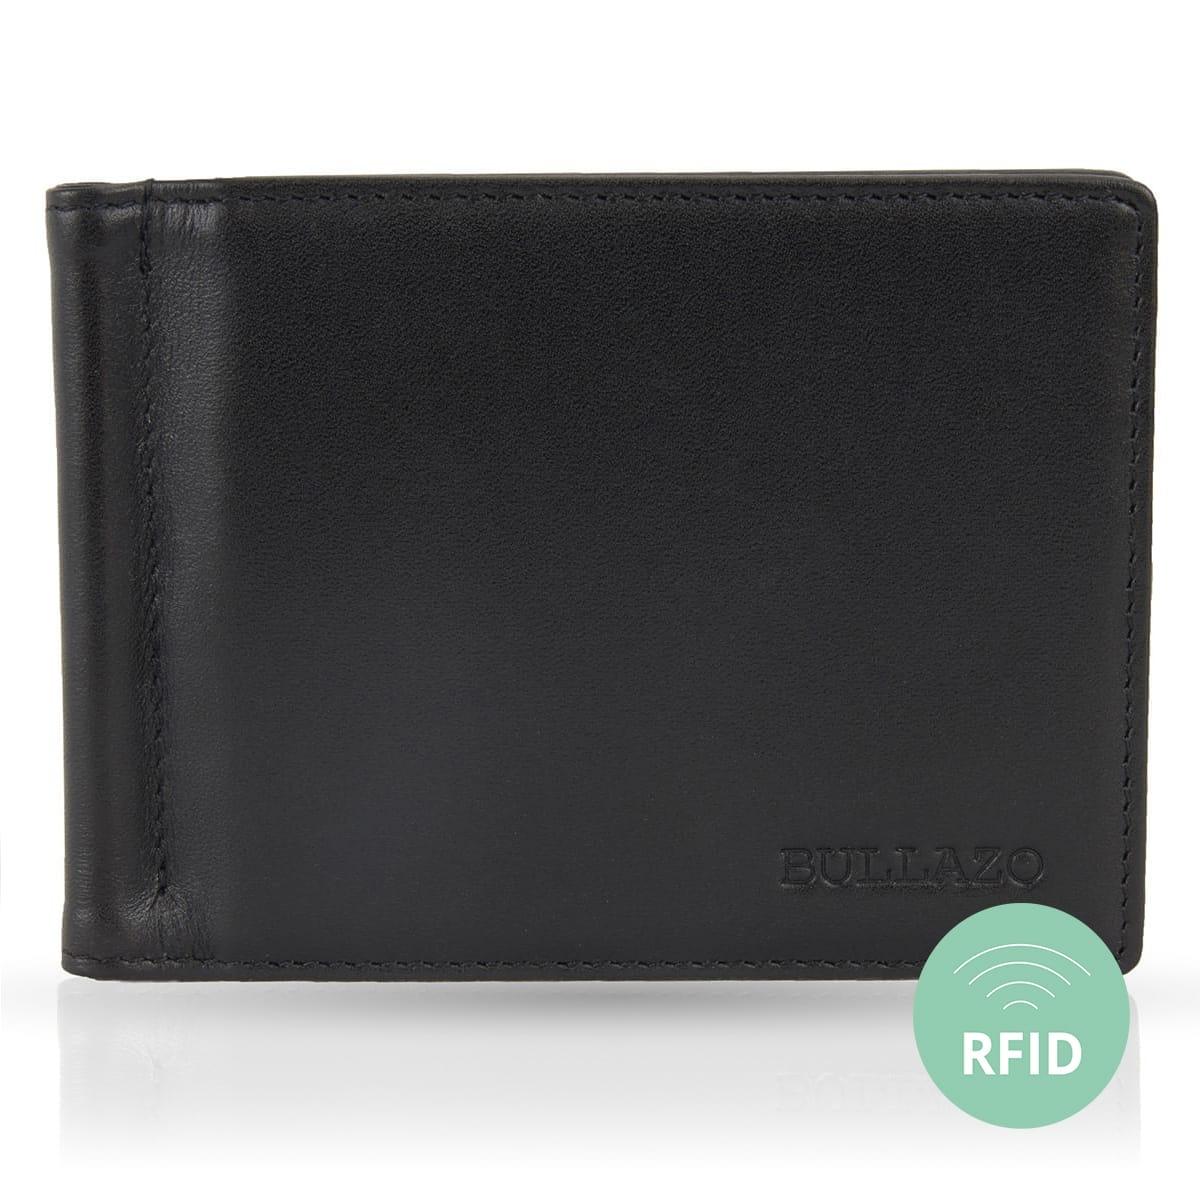 64a3c2aed4978 Herren Geldbörse mit Geldklammer und RFID Schutz - ohne Münzfach